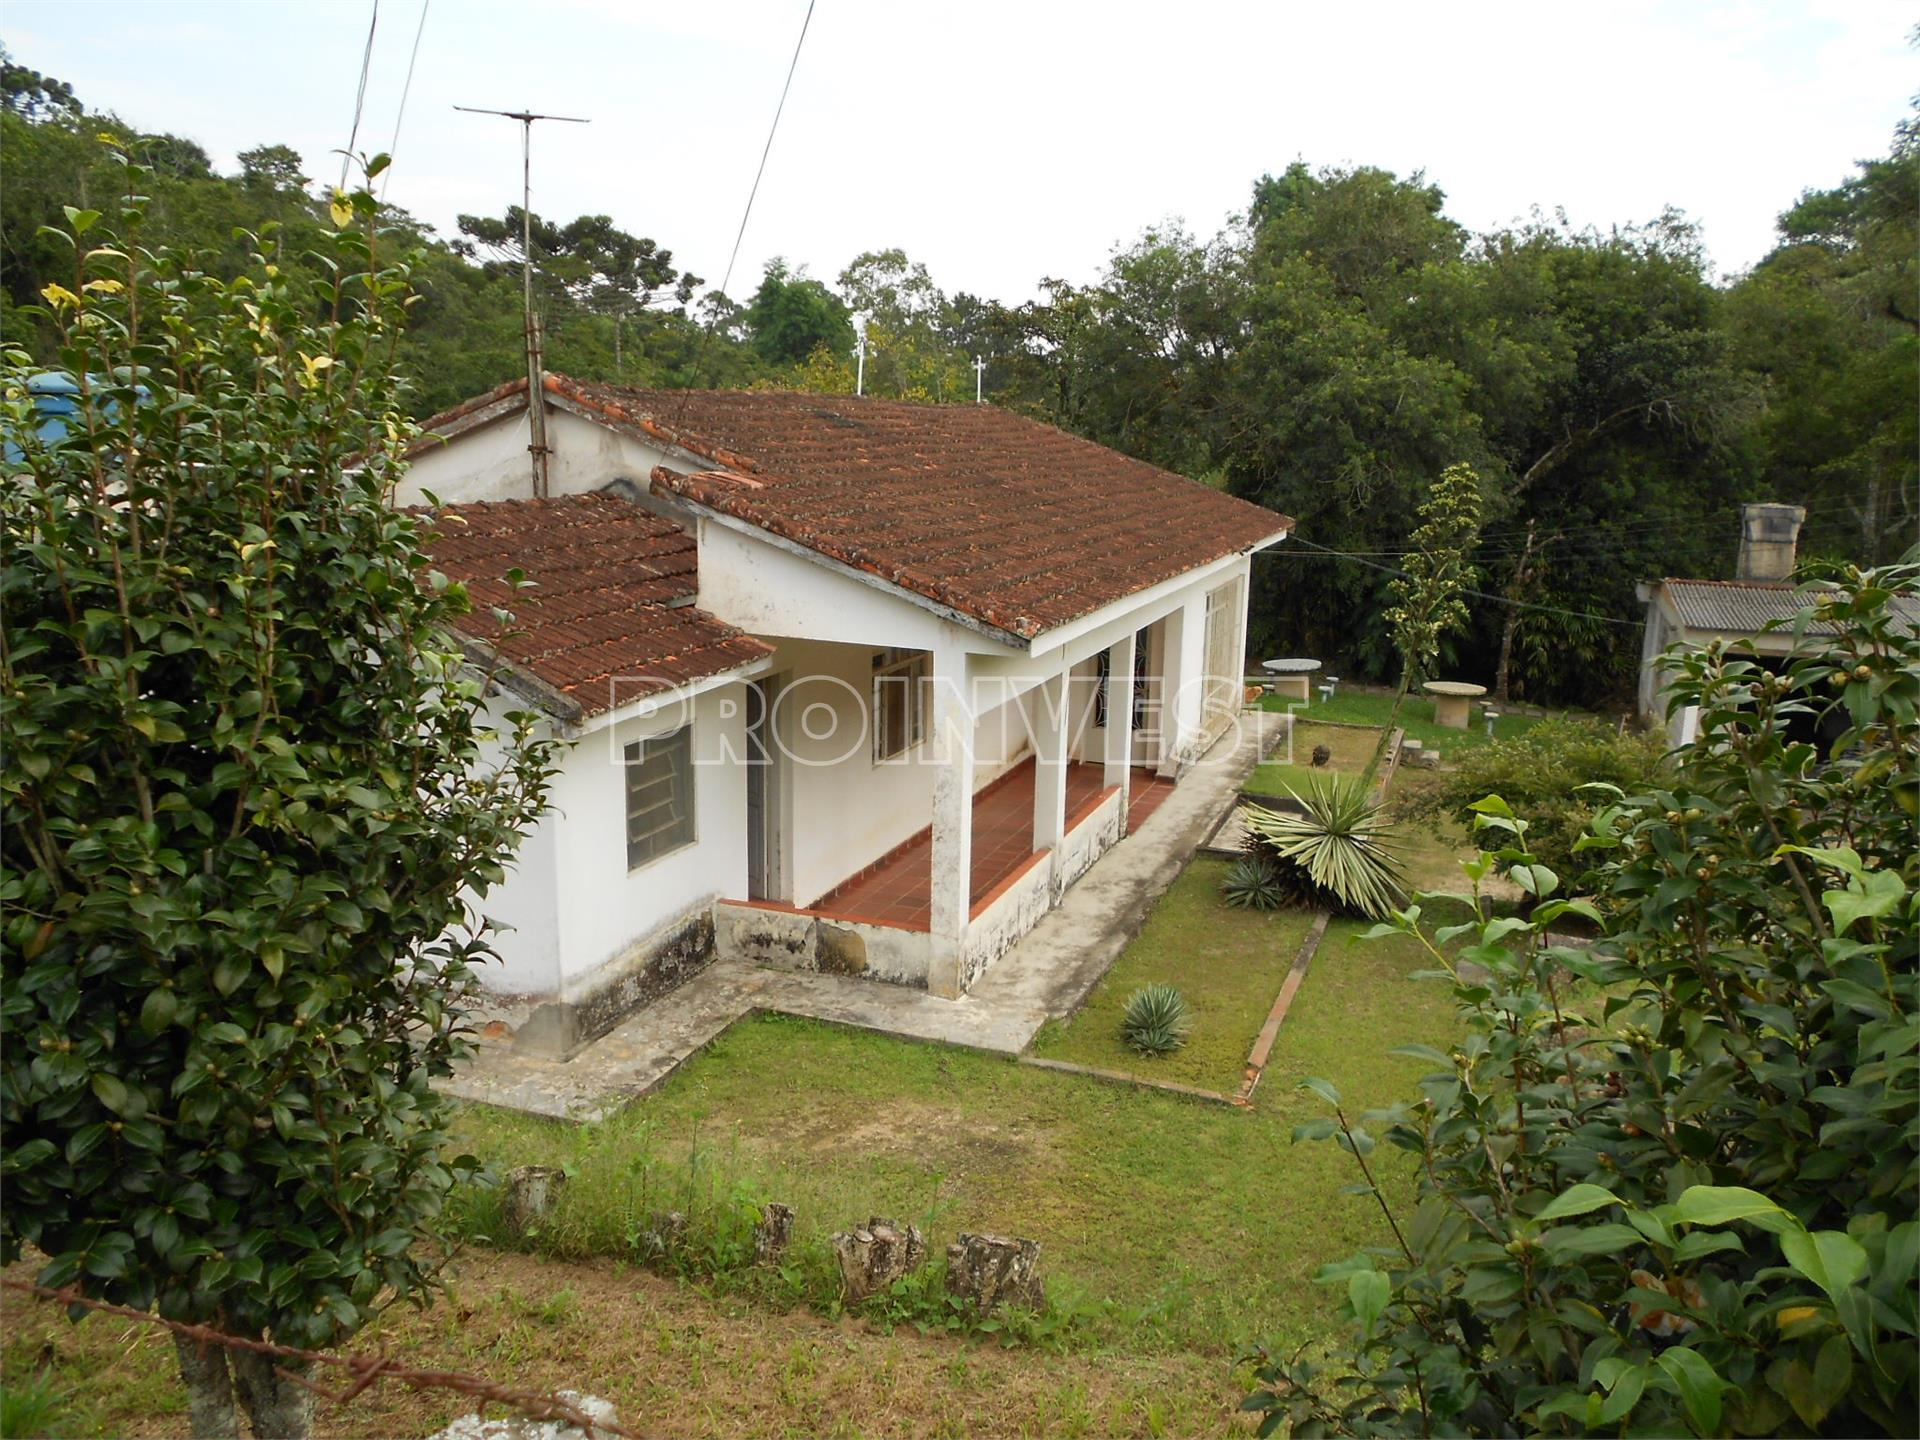 Sítio de 3 dormitórios à venda em Chácaras Rincão Gl Iii, Cotia - SP